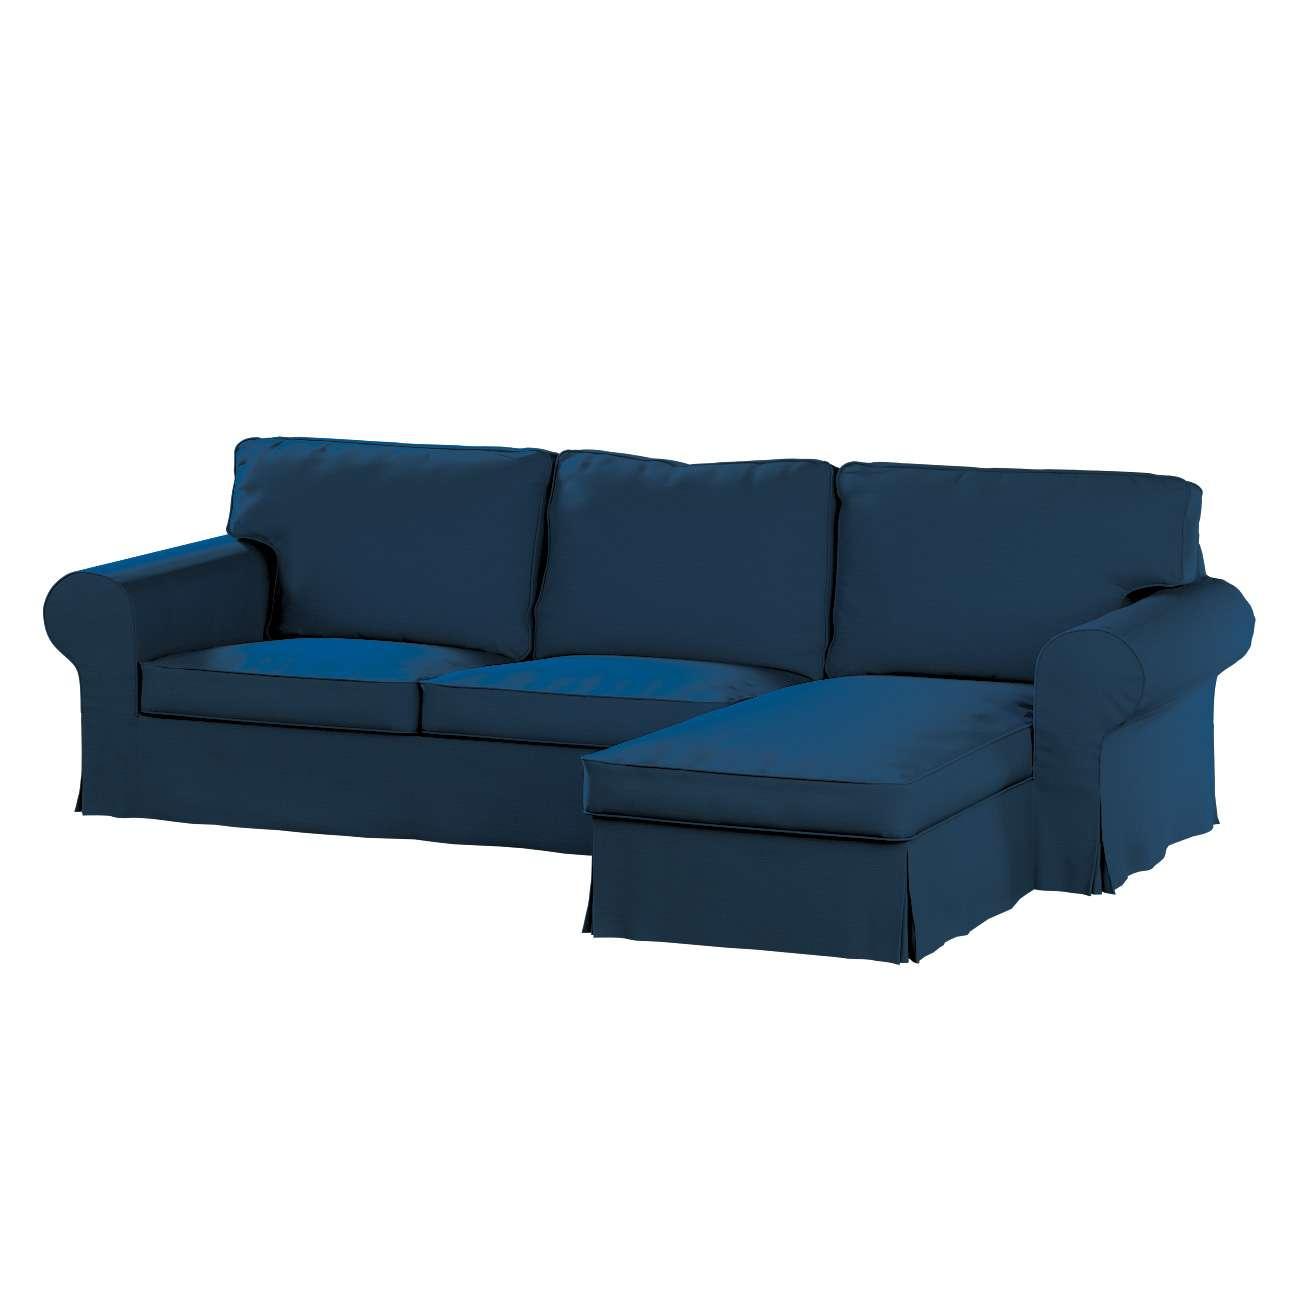 Pokrowiec na sofę Ektorp 2-osobową i leżankę w kolekcji Cotton Panama, tkanina: 702-30